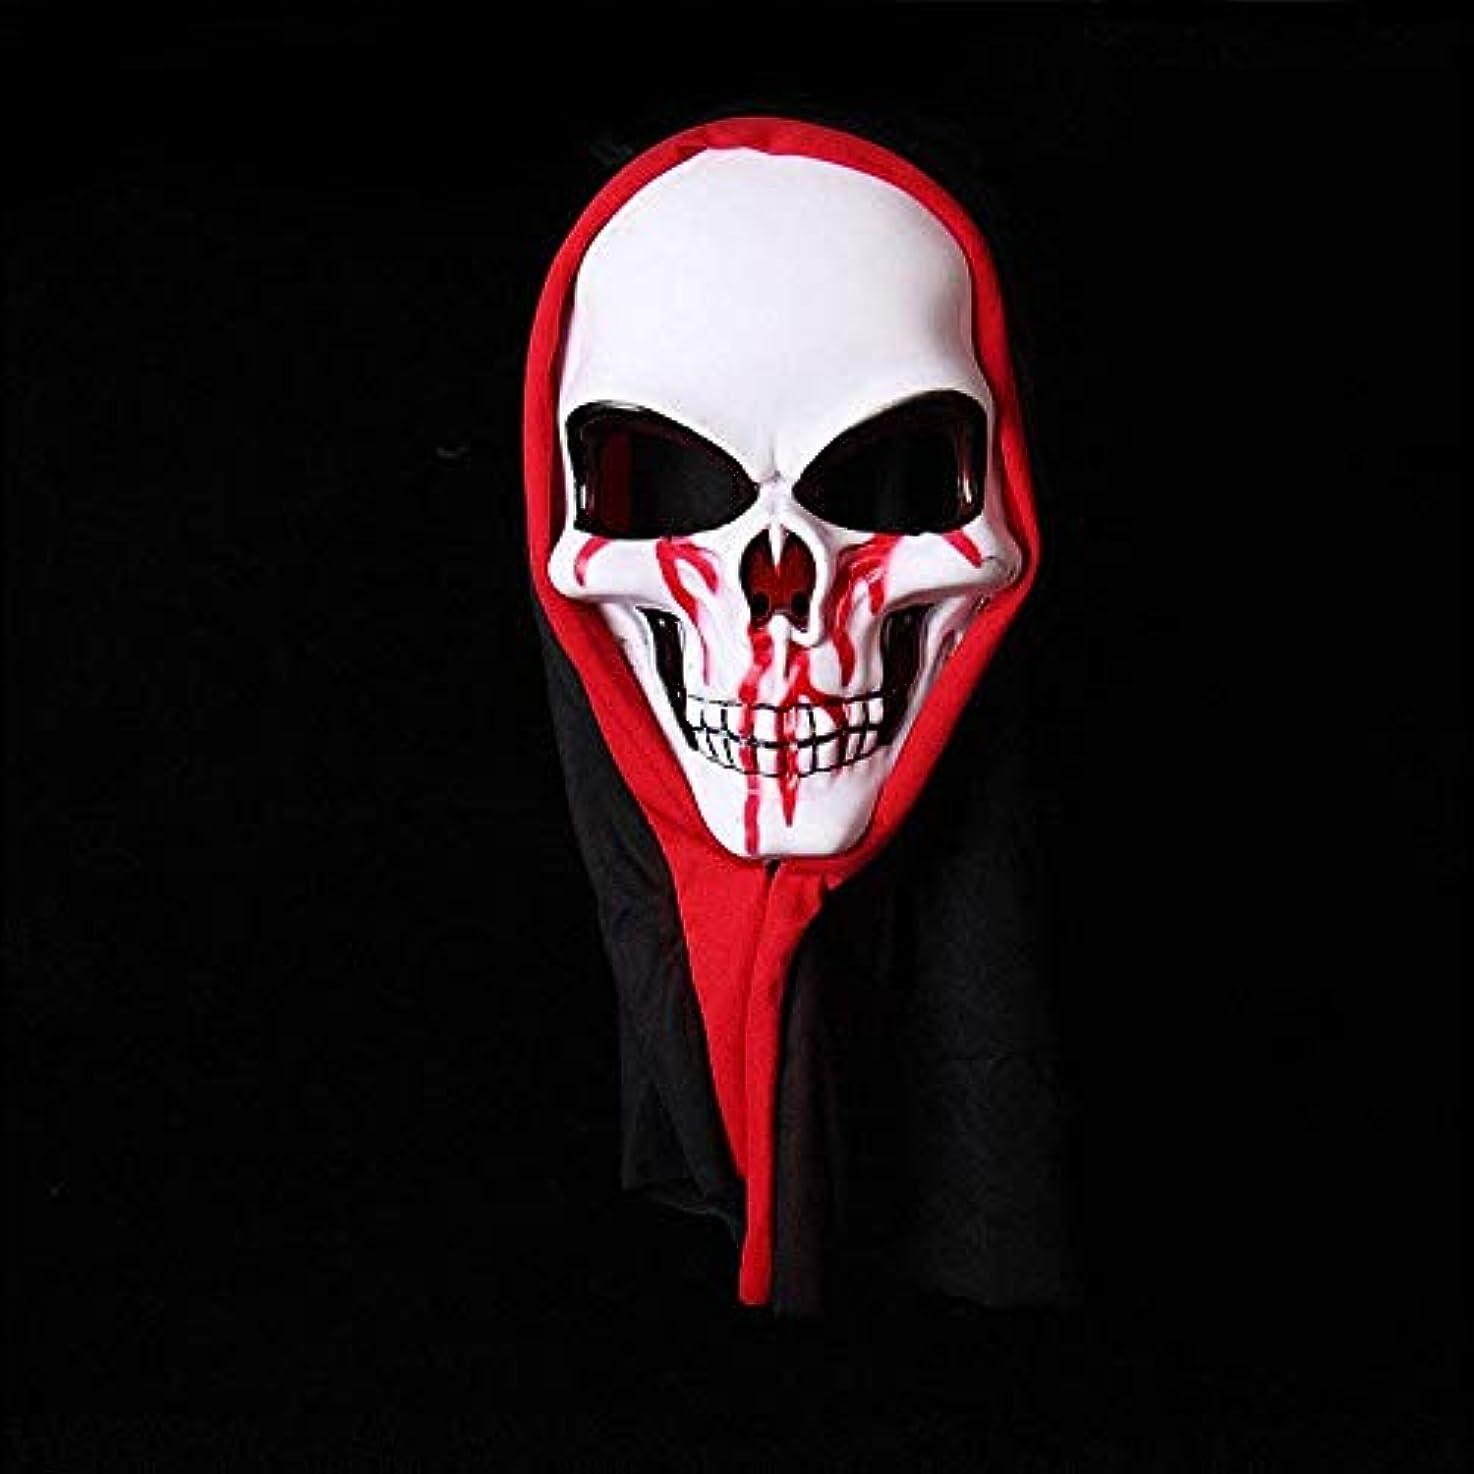 形容詞相談するメディカルCozyswan ハロウィンマスク 血まみれ スケルトン ヘッドスカーフ付き PVC製 ハロウィン飾り 怖い 雰囲気 ホラー パーティー 学園祭 文化祭 被り物 仮装 おしゃれ